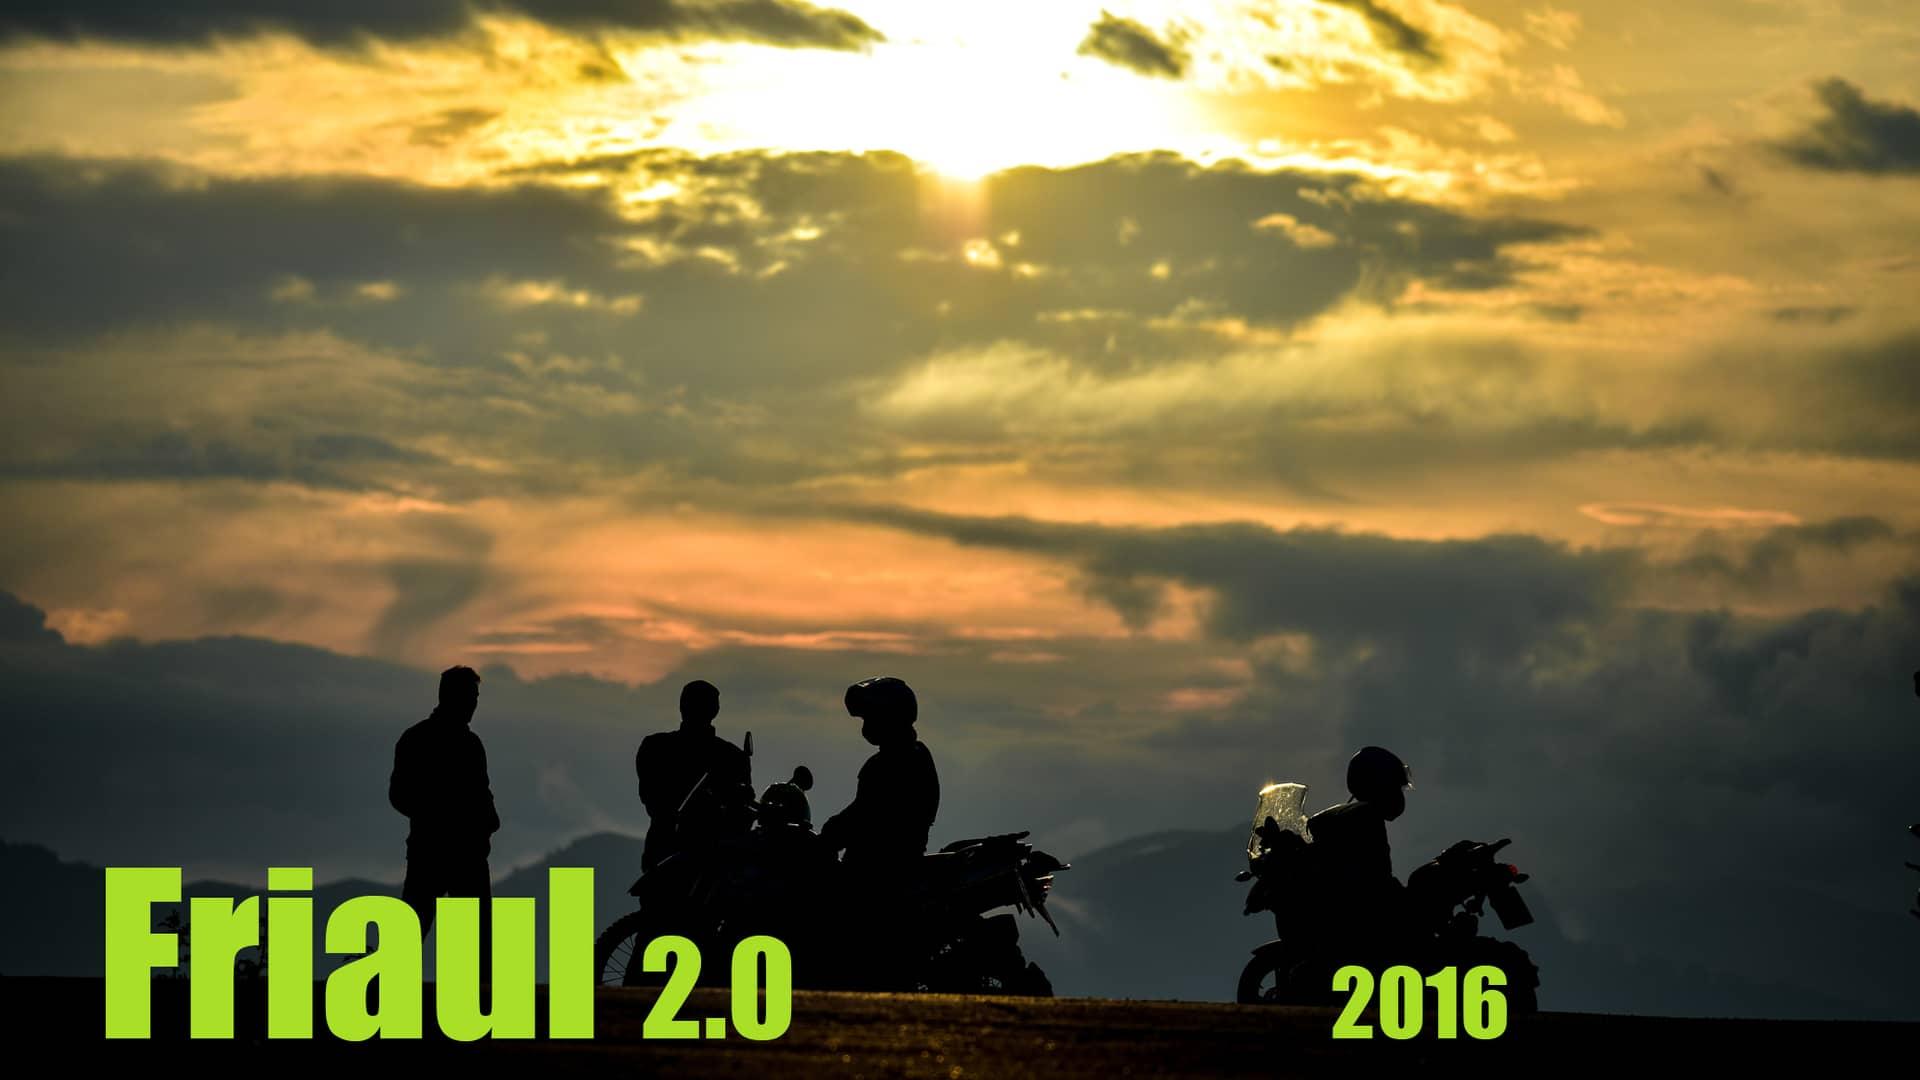 Friaul der Film 2016 no.1 on Vimeo